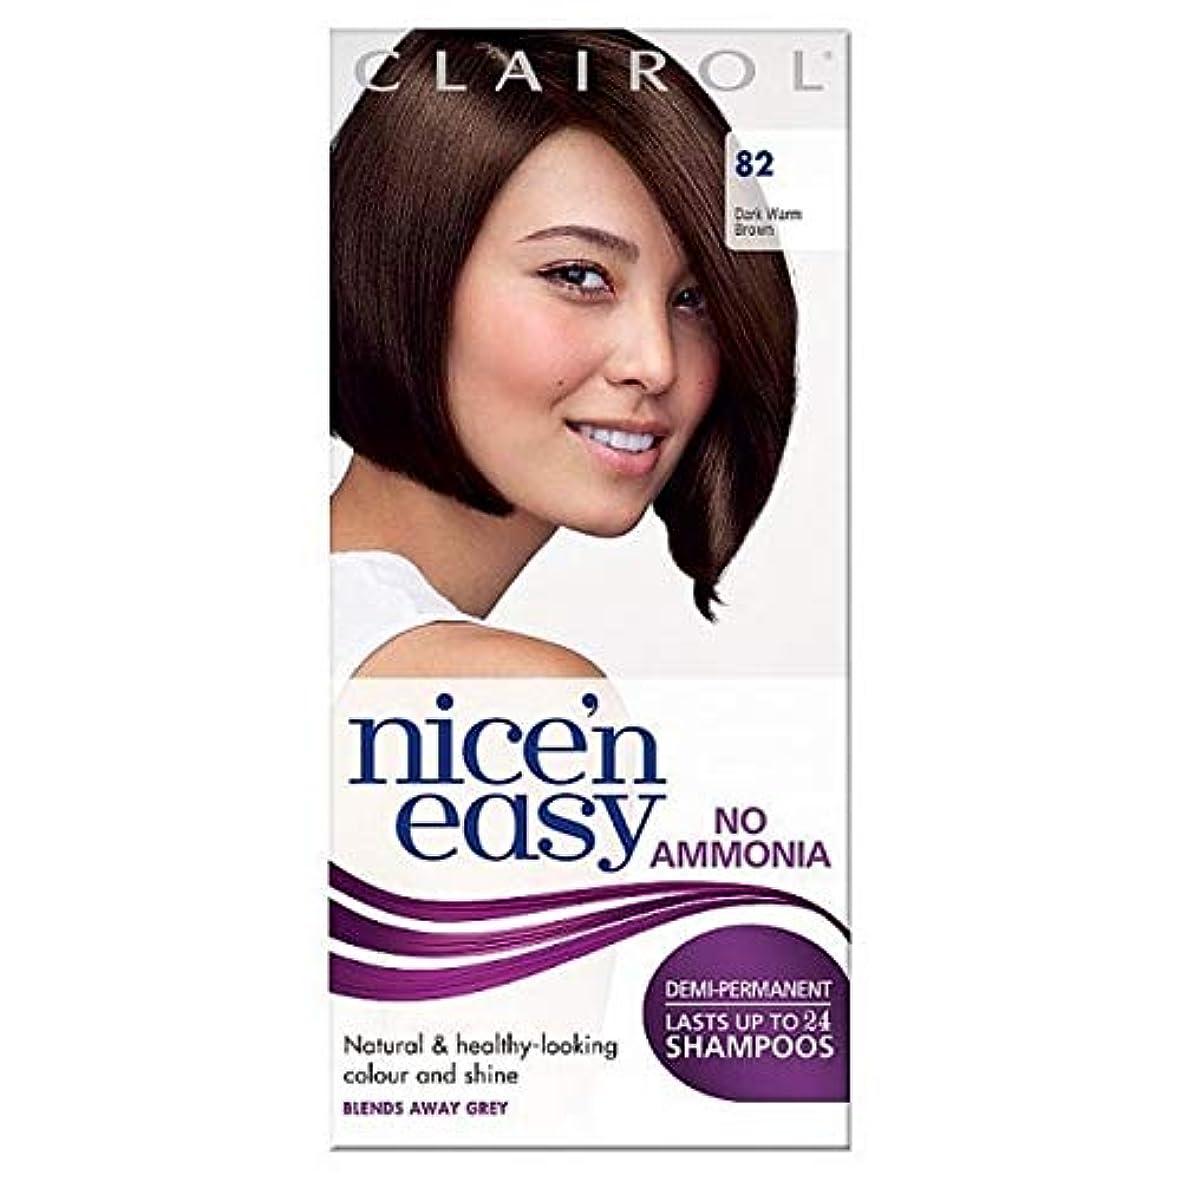 版ラフレシアアルノルディサンダル[Nice'n Easy] Nice'N簡単に無アンモニア毛染めダークブラウン暖かい82 - Nice'n Easy No Ammonia Hair Dye Dark Warm Brown 82 [並行輸入品]